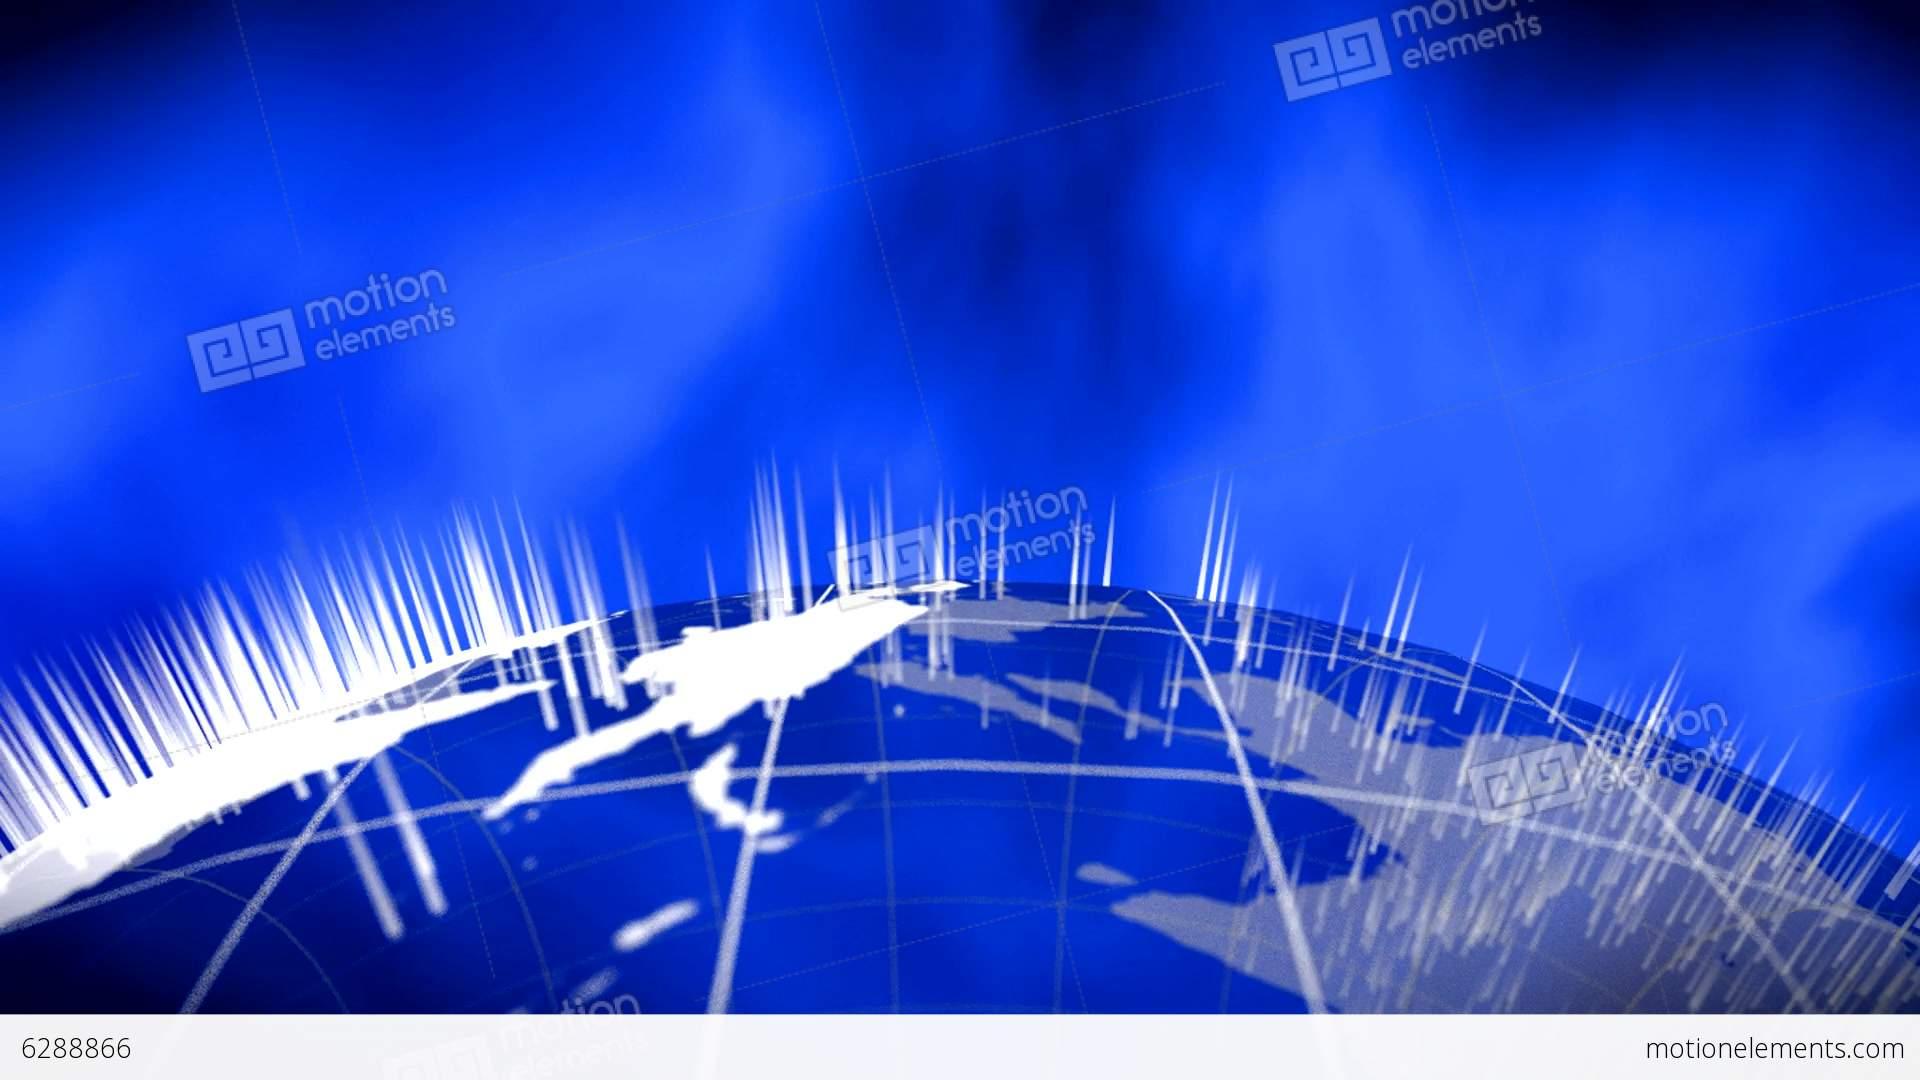 electronic world background - photo #17